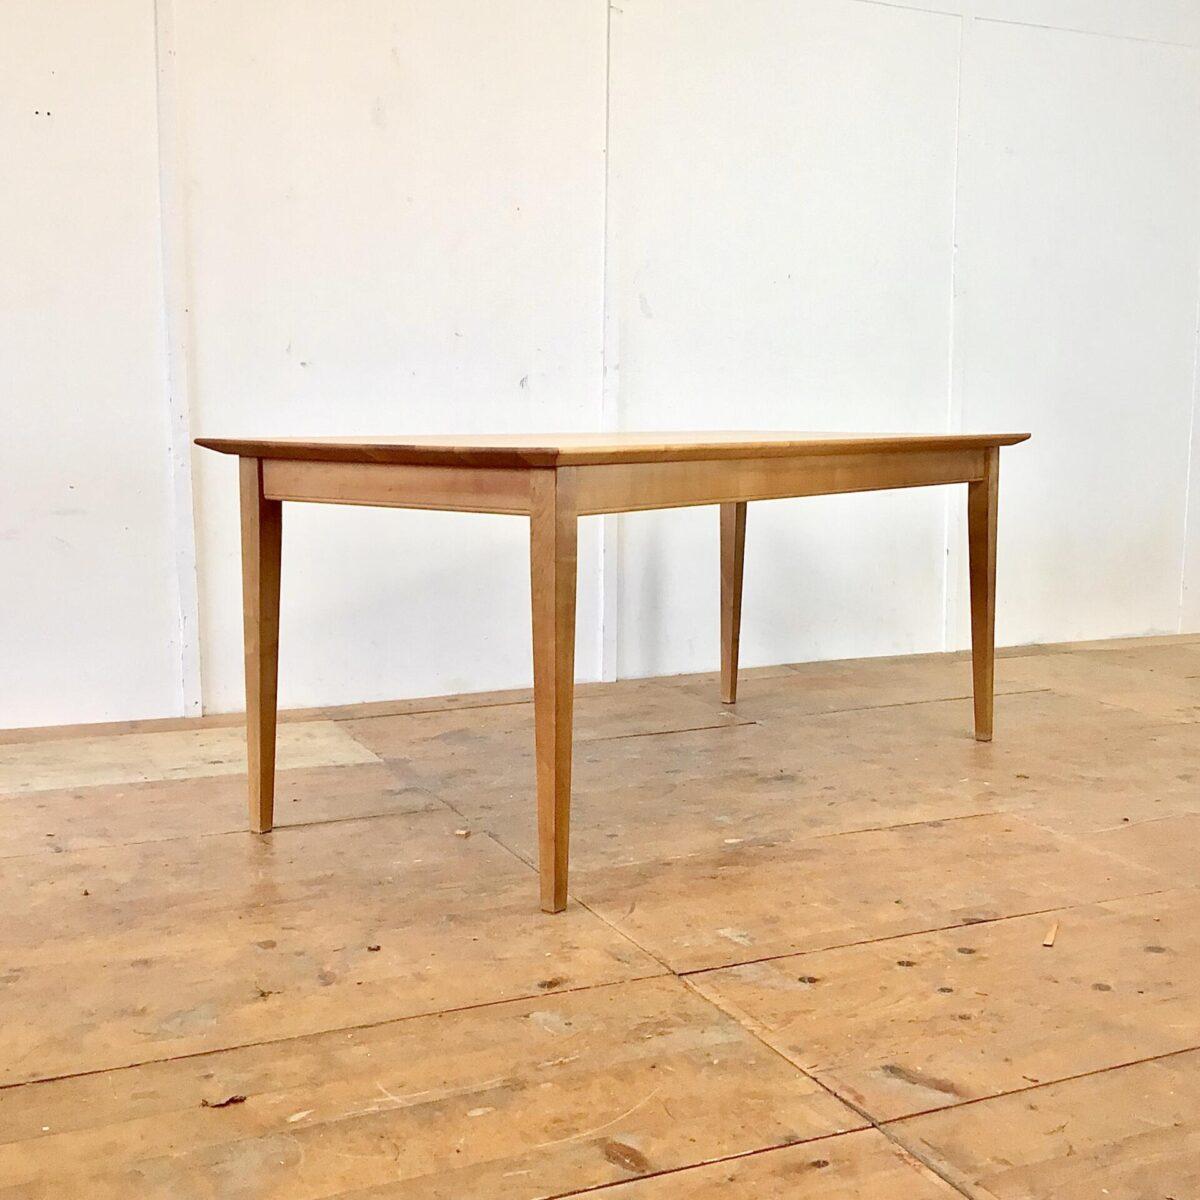 Deuxieme.shop Schlichter Esstisch aus Kirschbaum Vollholz. 180x89.5cm Höhe 75.5cm. Dieser Holztisch ist relativ neu aber sehr hochwertig verarbeitet. Die Kanten sind von unten verjüngt was ihn recht leicht ausschauen lässt, trotz dem 3cm dicken Tischblatt. Der Tisch ist mit Naturöl behandelt.